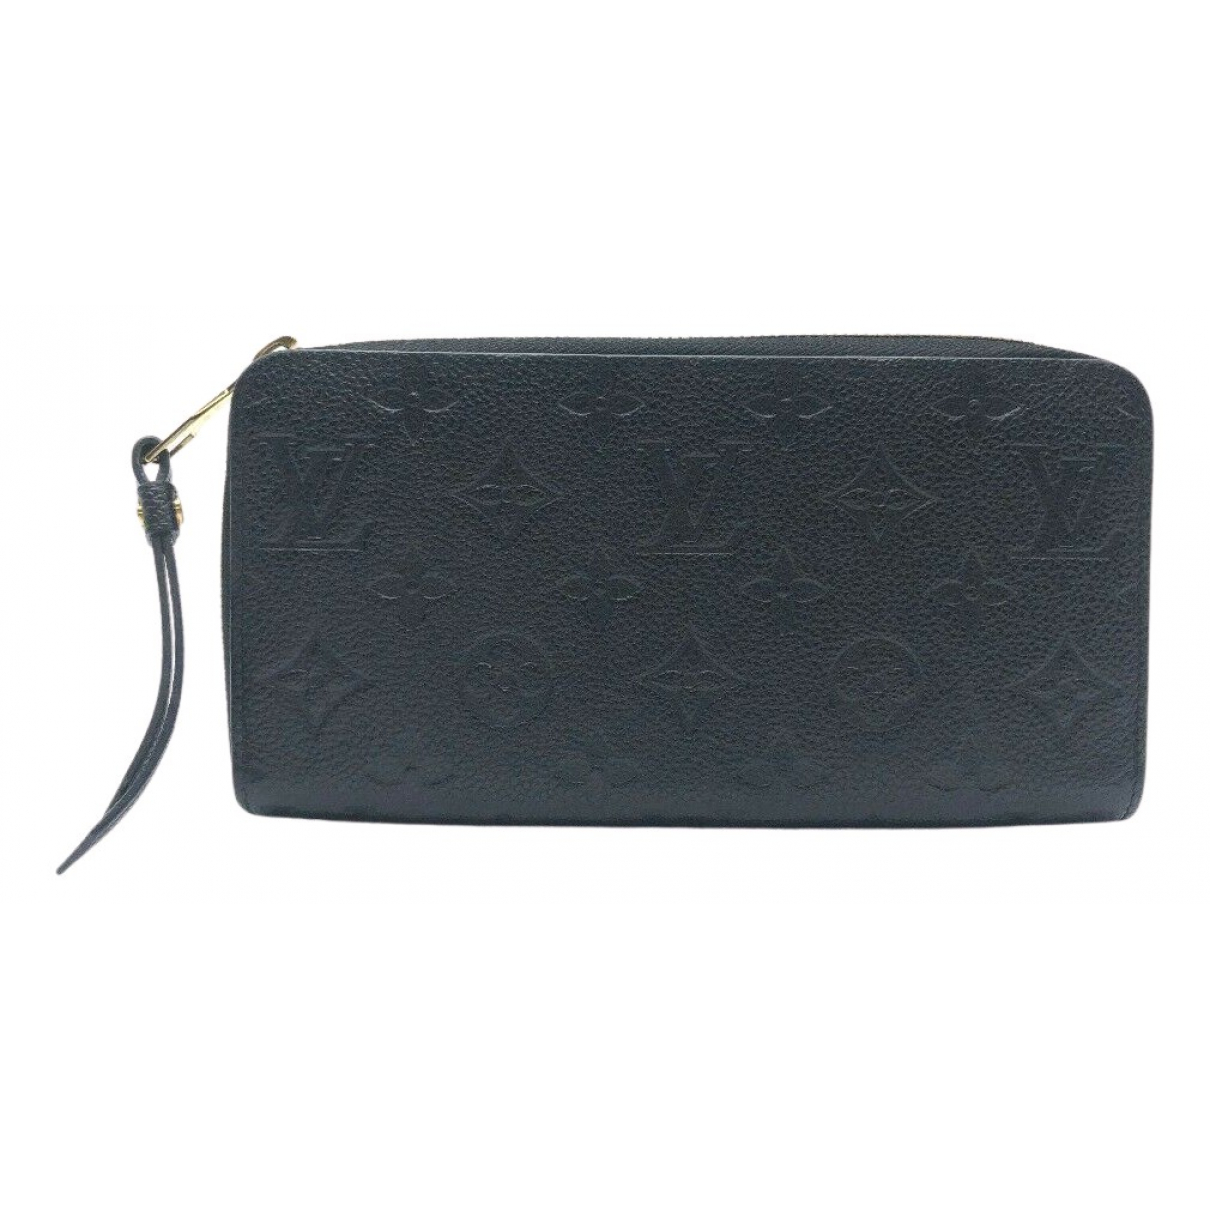 Cartera Zippy de Cuero Louis Vuitton